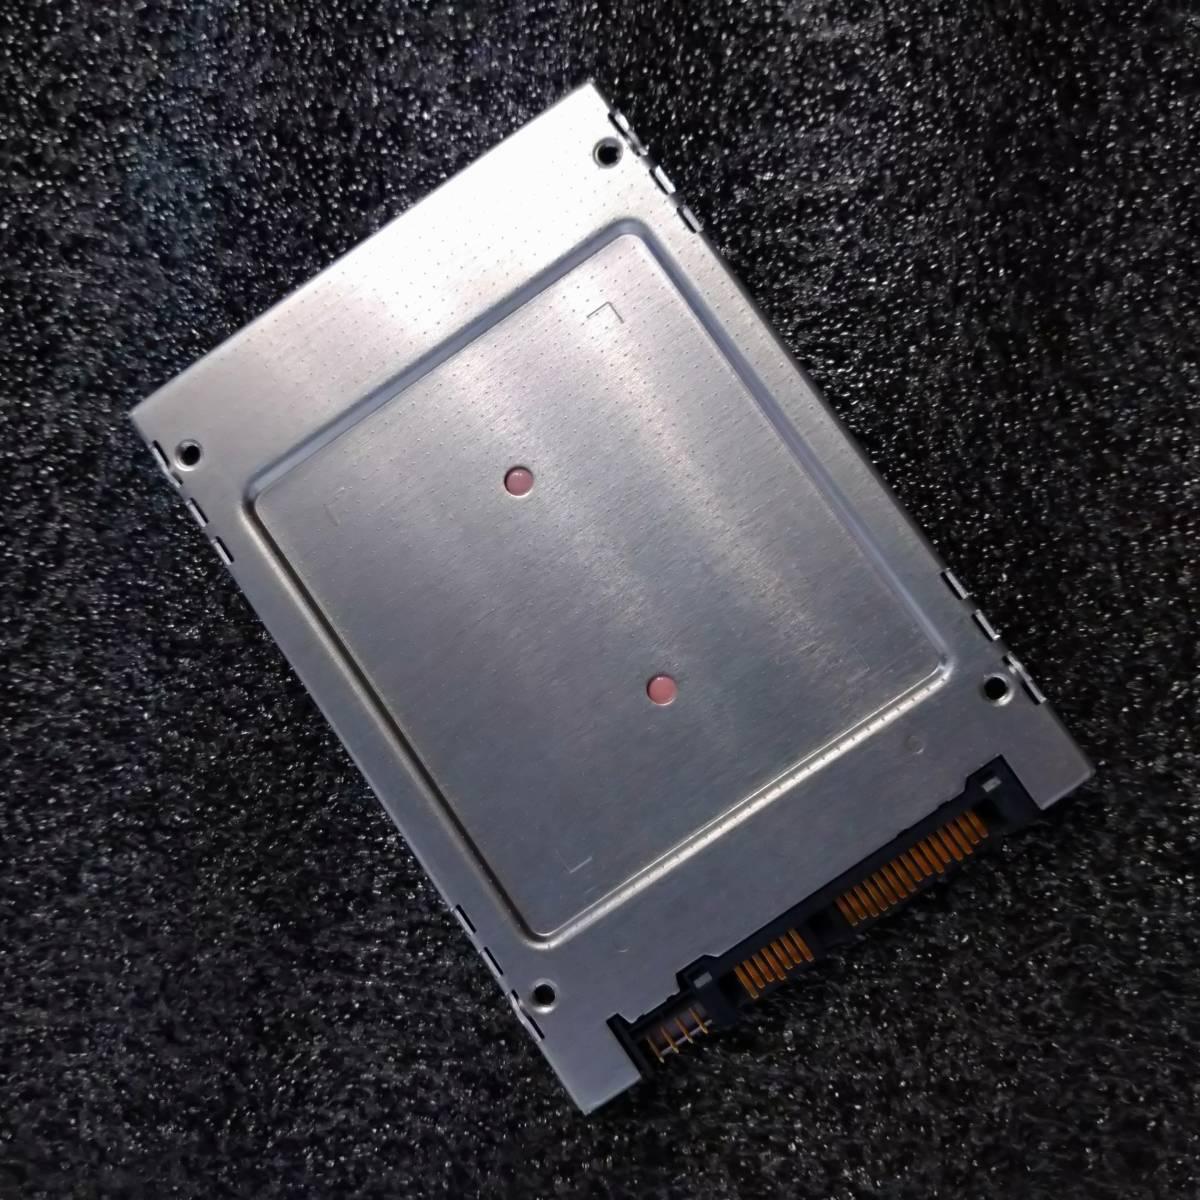 【ほぼ未使用】TOSHIBA 2.5インチ SATA SSD 256GB THNSFJ256GCSU